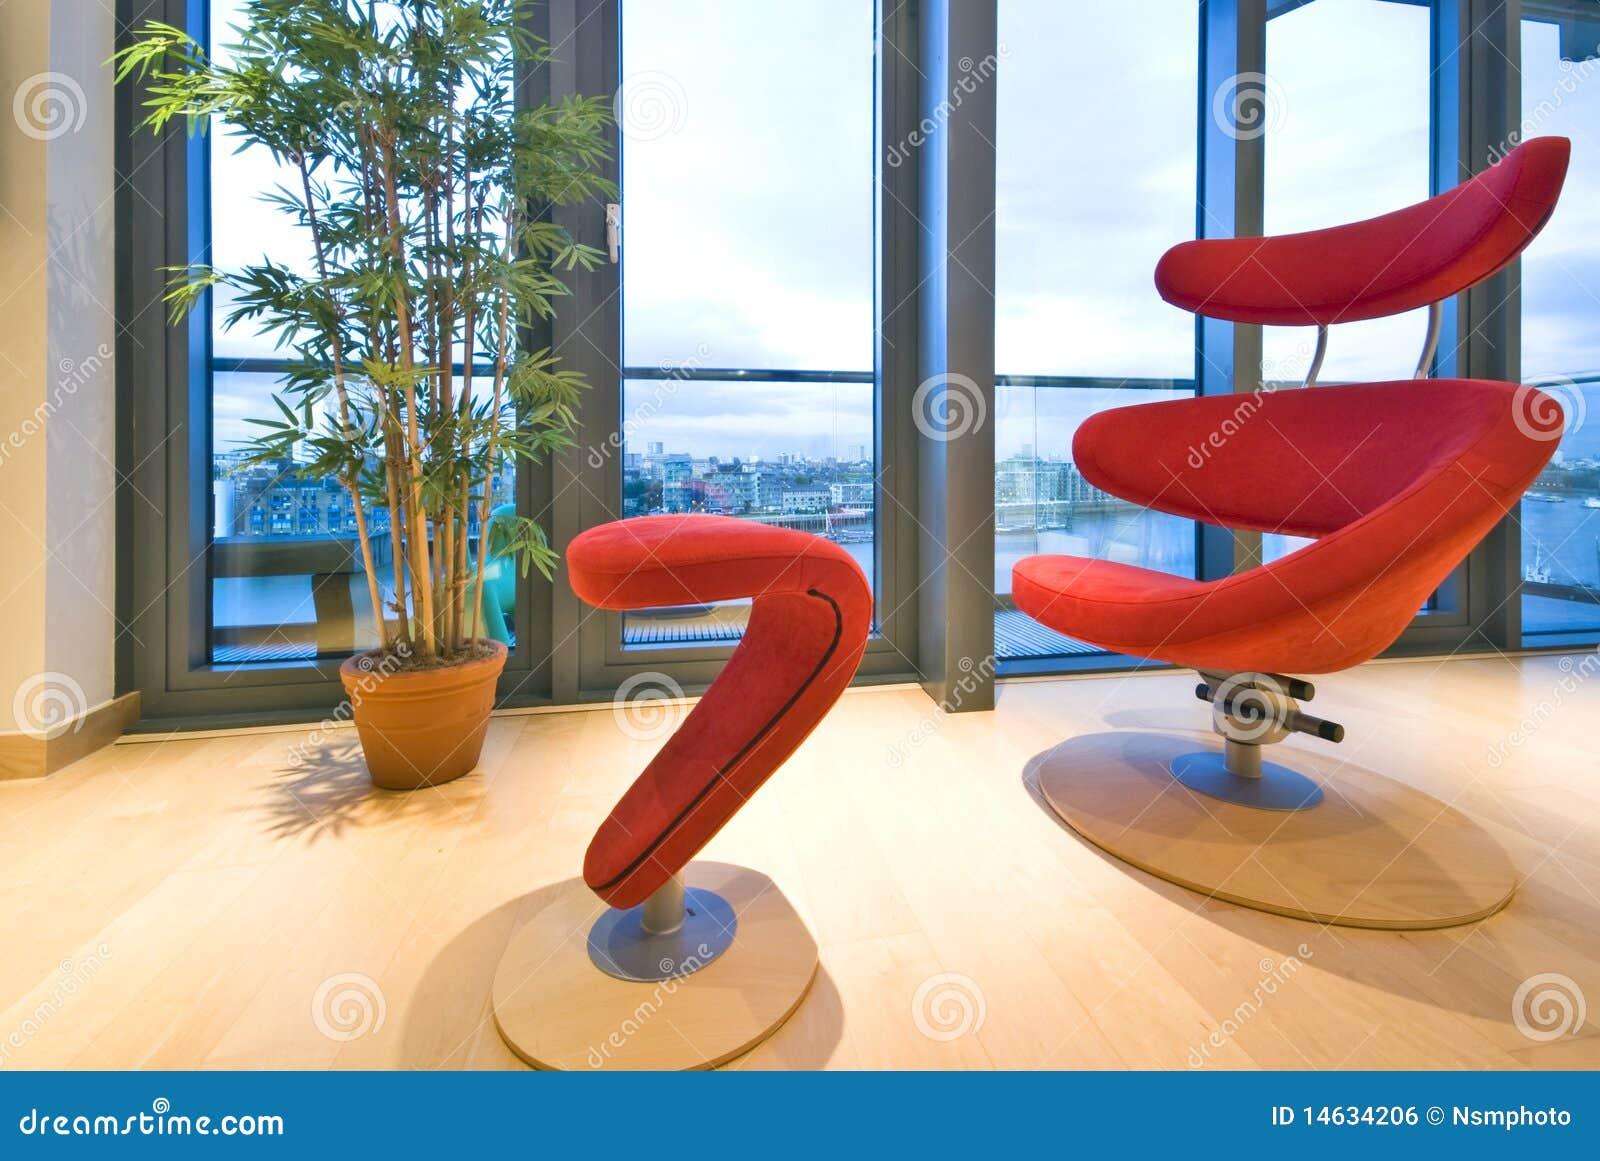 Fauteuil Createur fauteuil rouge de créateur photo stock. image du confort - 14634206